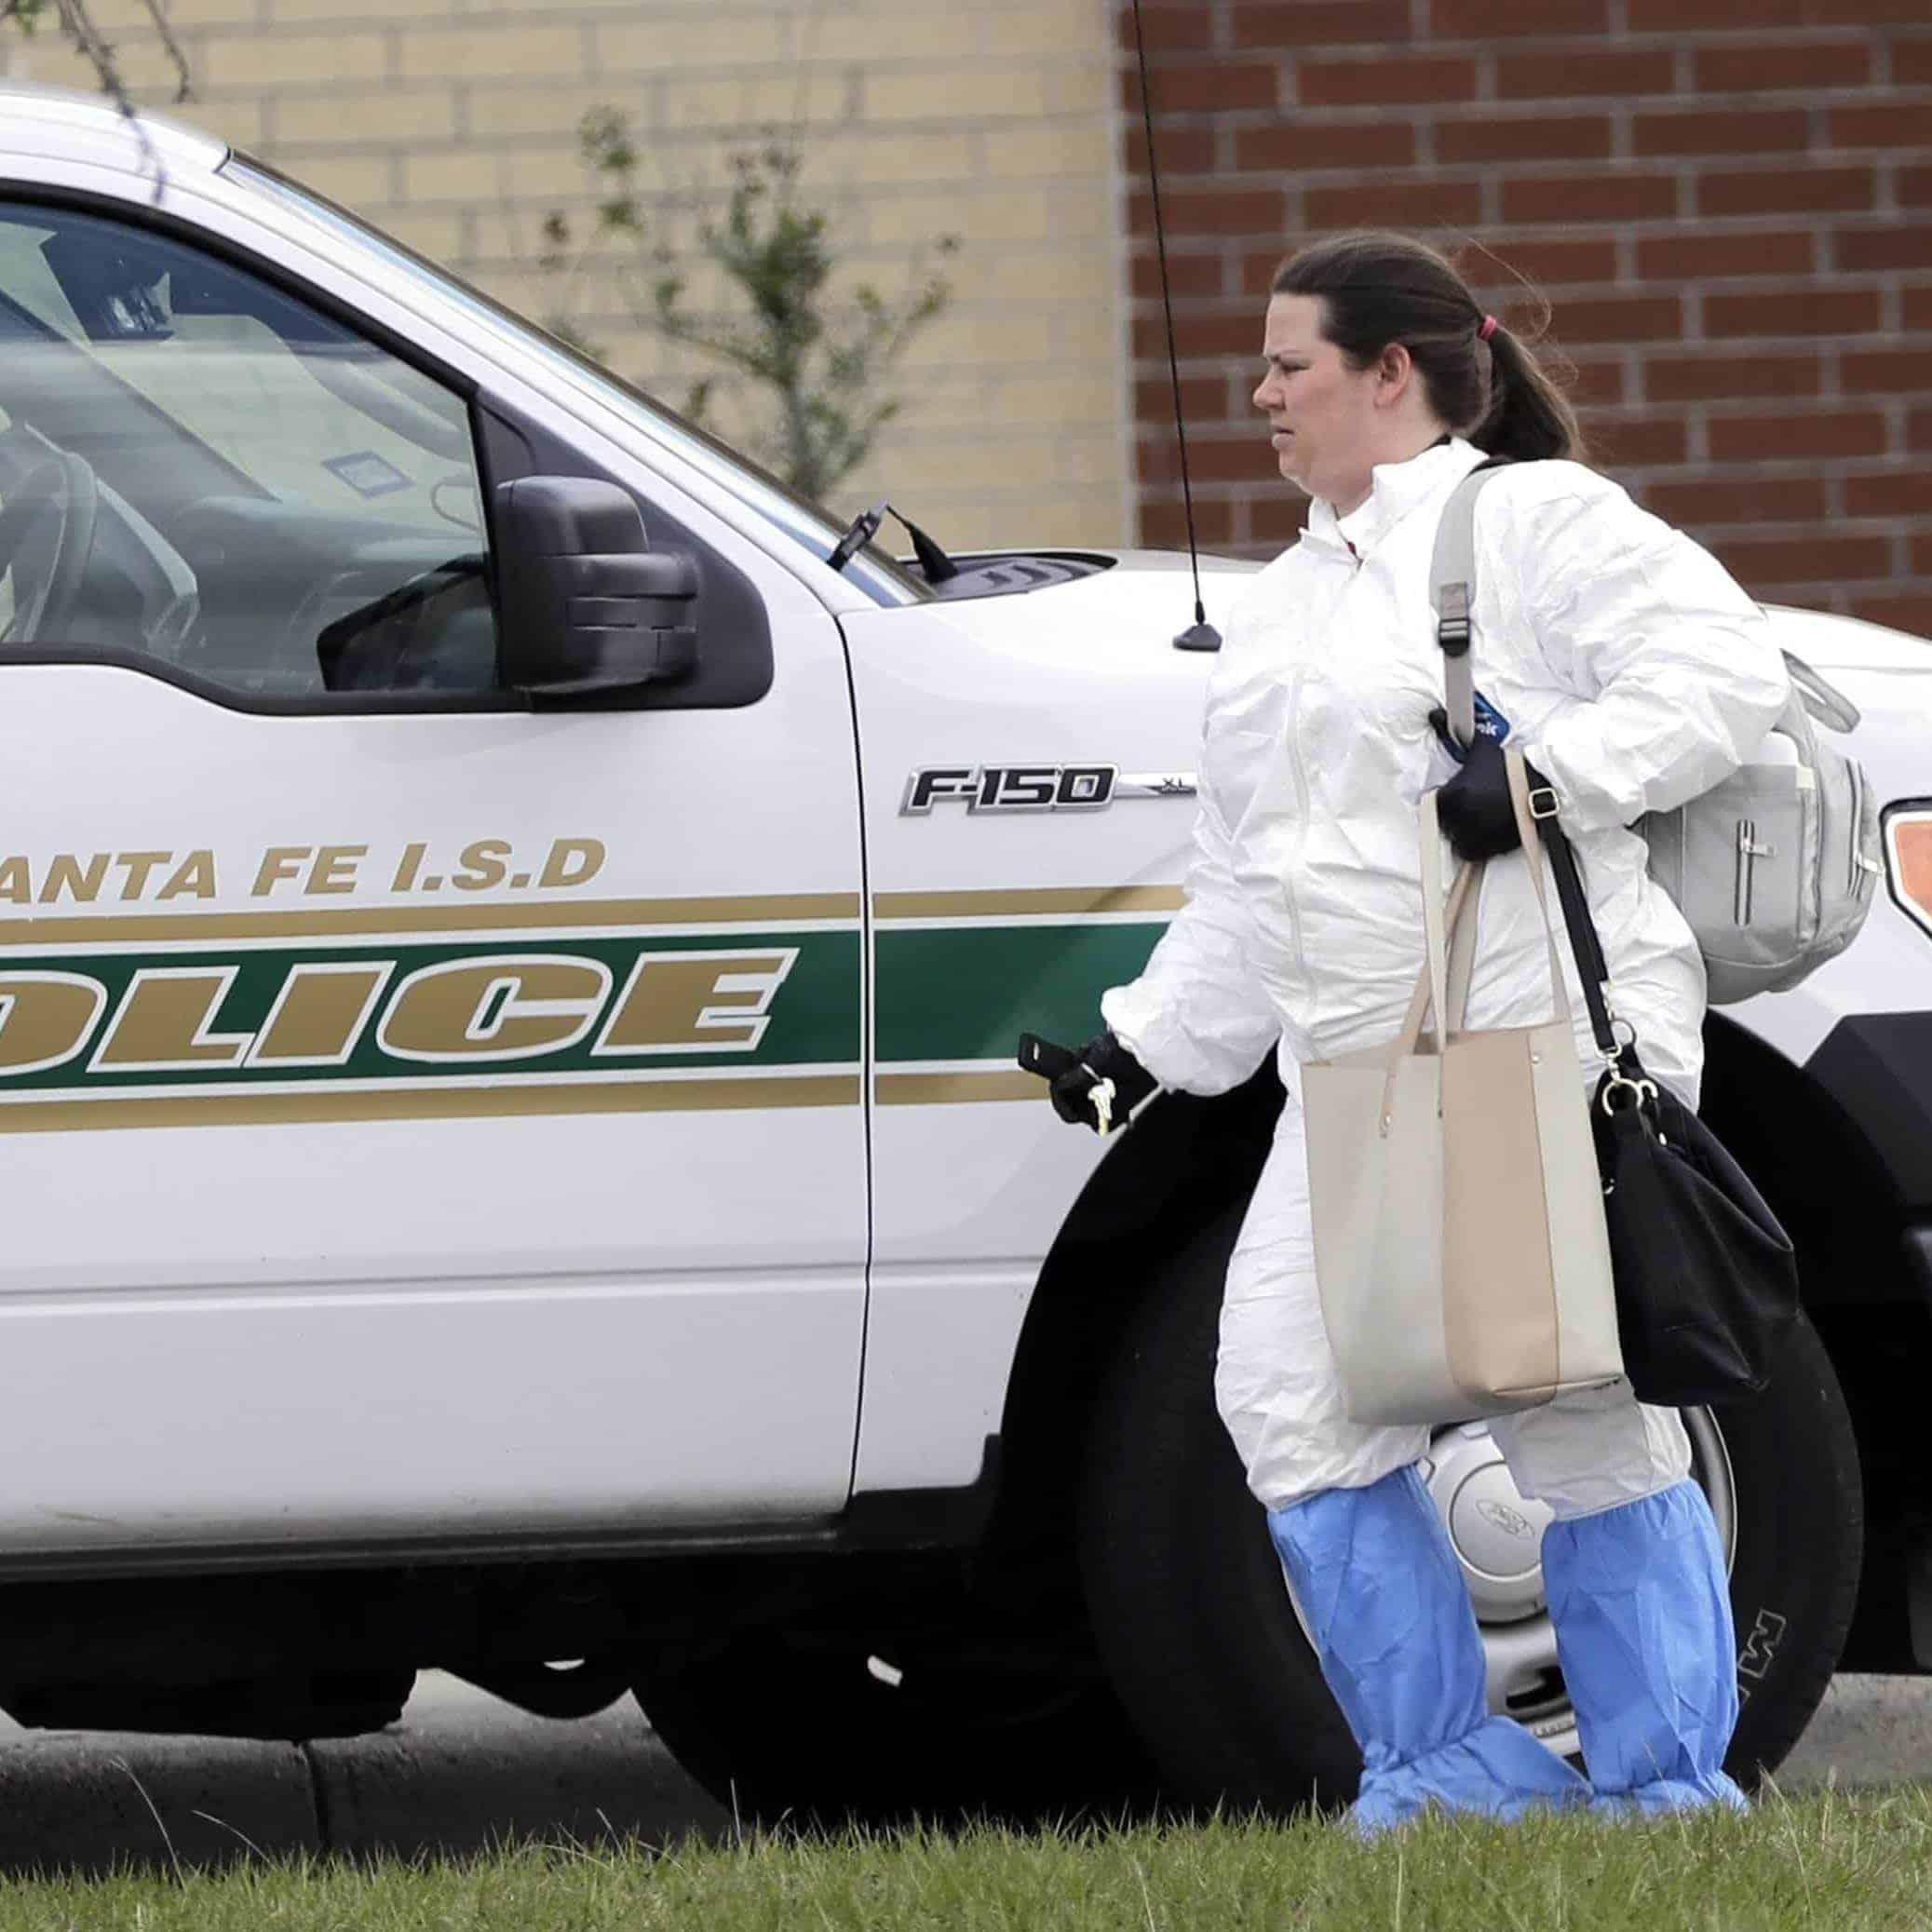 EVIDENCIAS. Un oficial saca carteras de Santa Fe High School presuntamente de agresor.